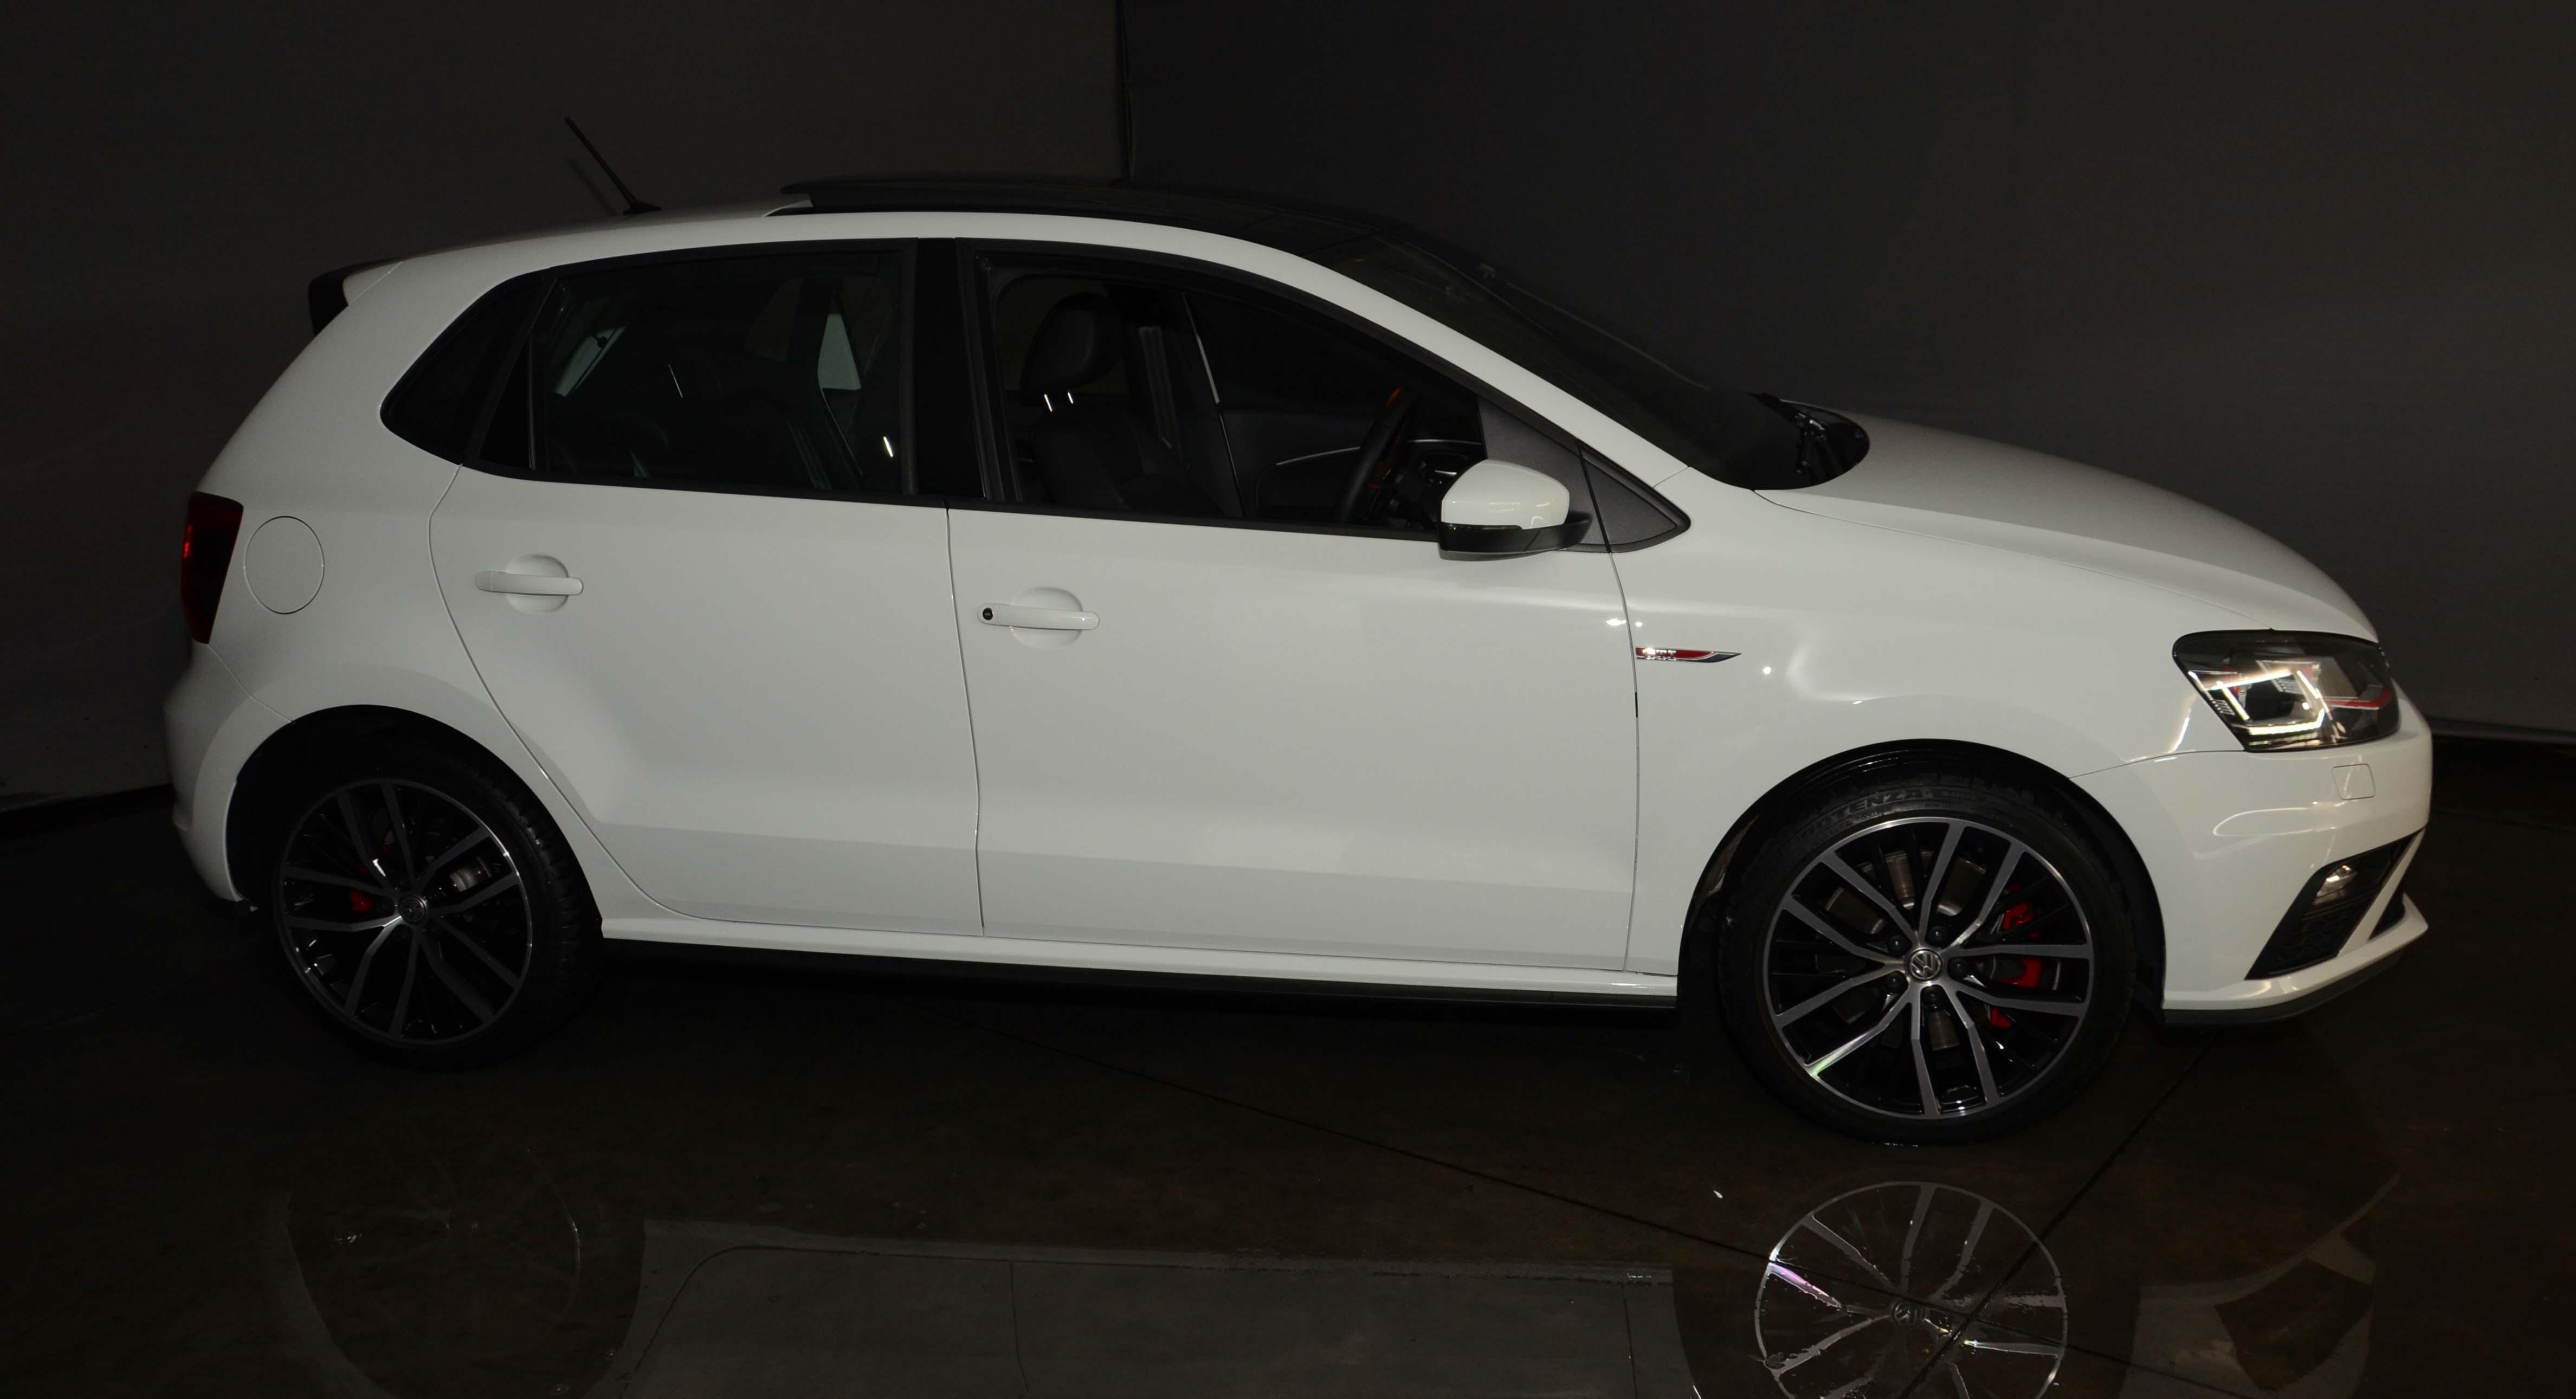 Volkswagen Of The Woodlands >> Volkswagen Polo GTI (DSG) - Prestige Marques